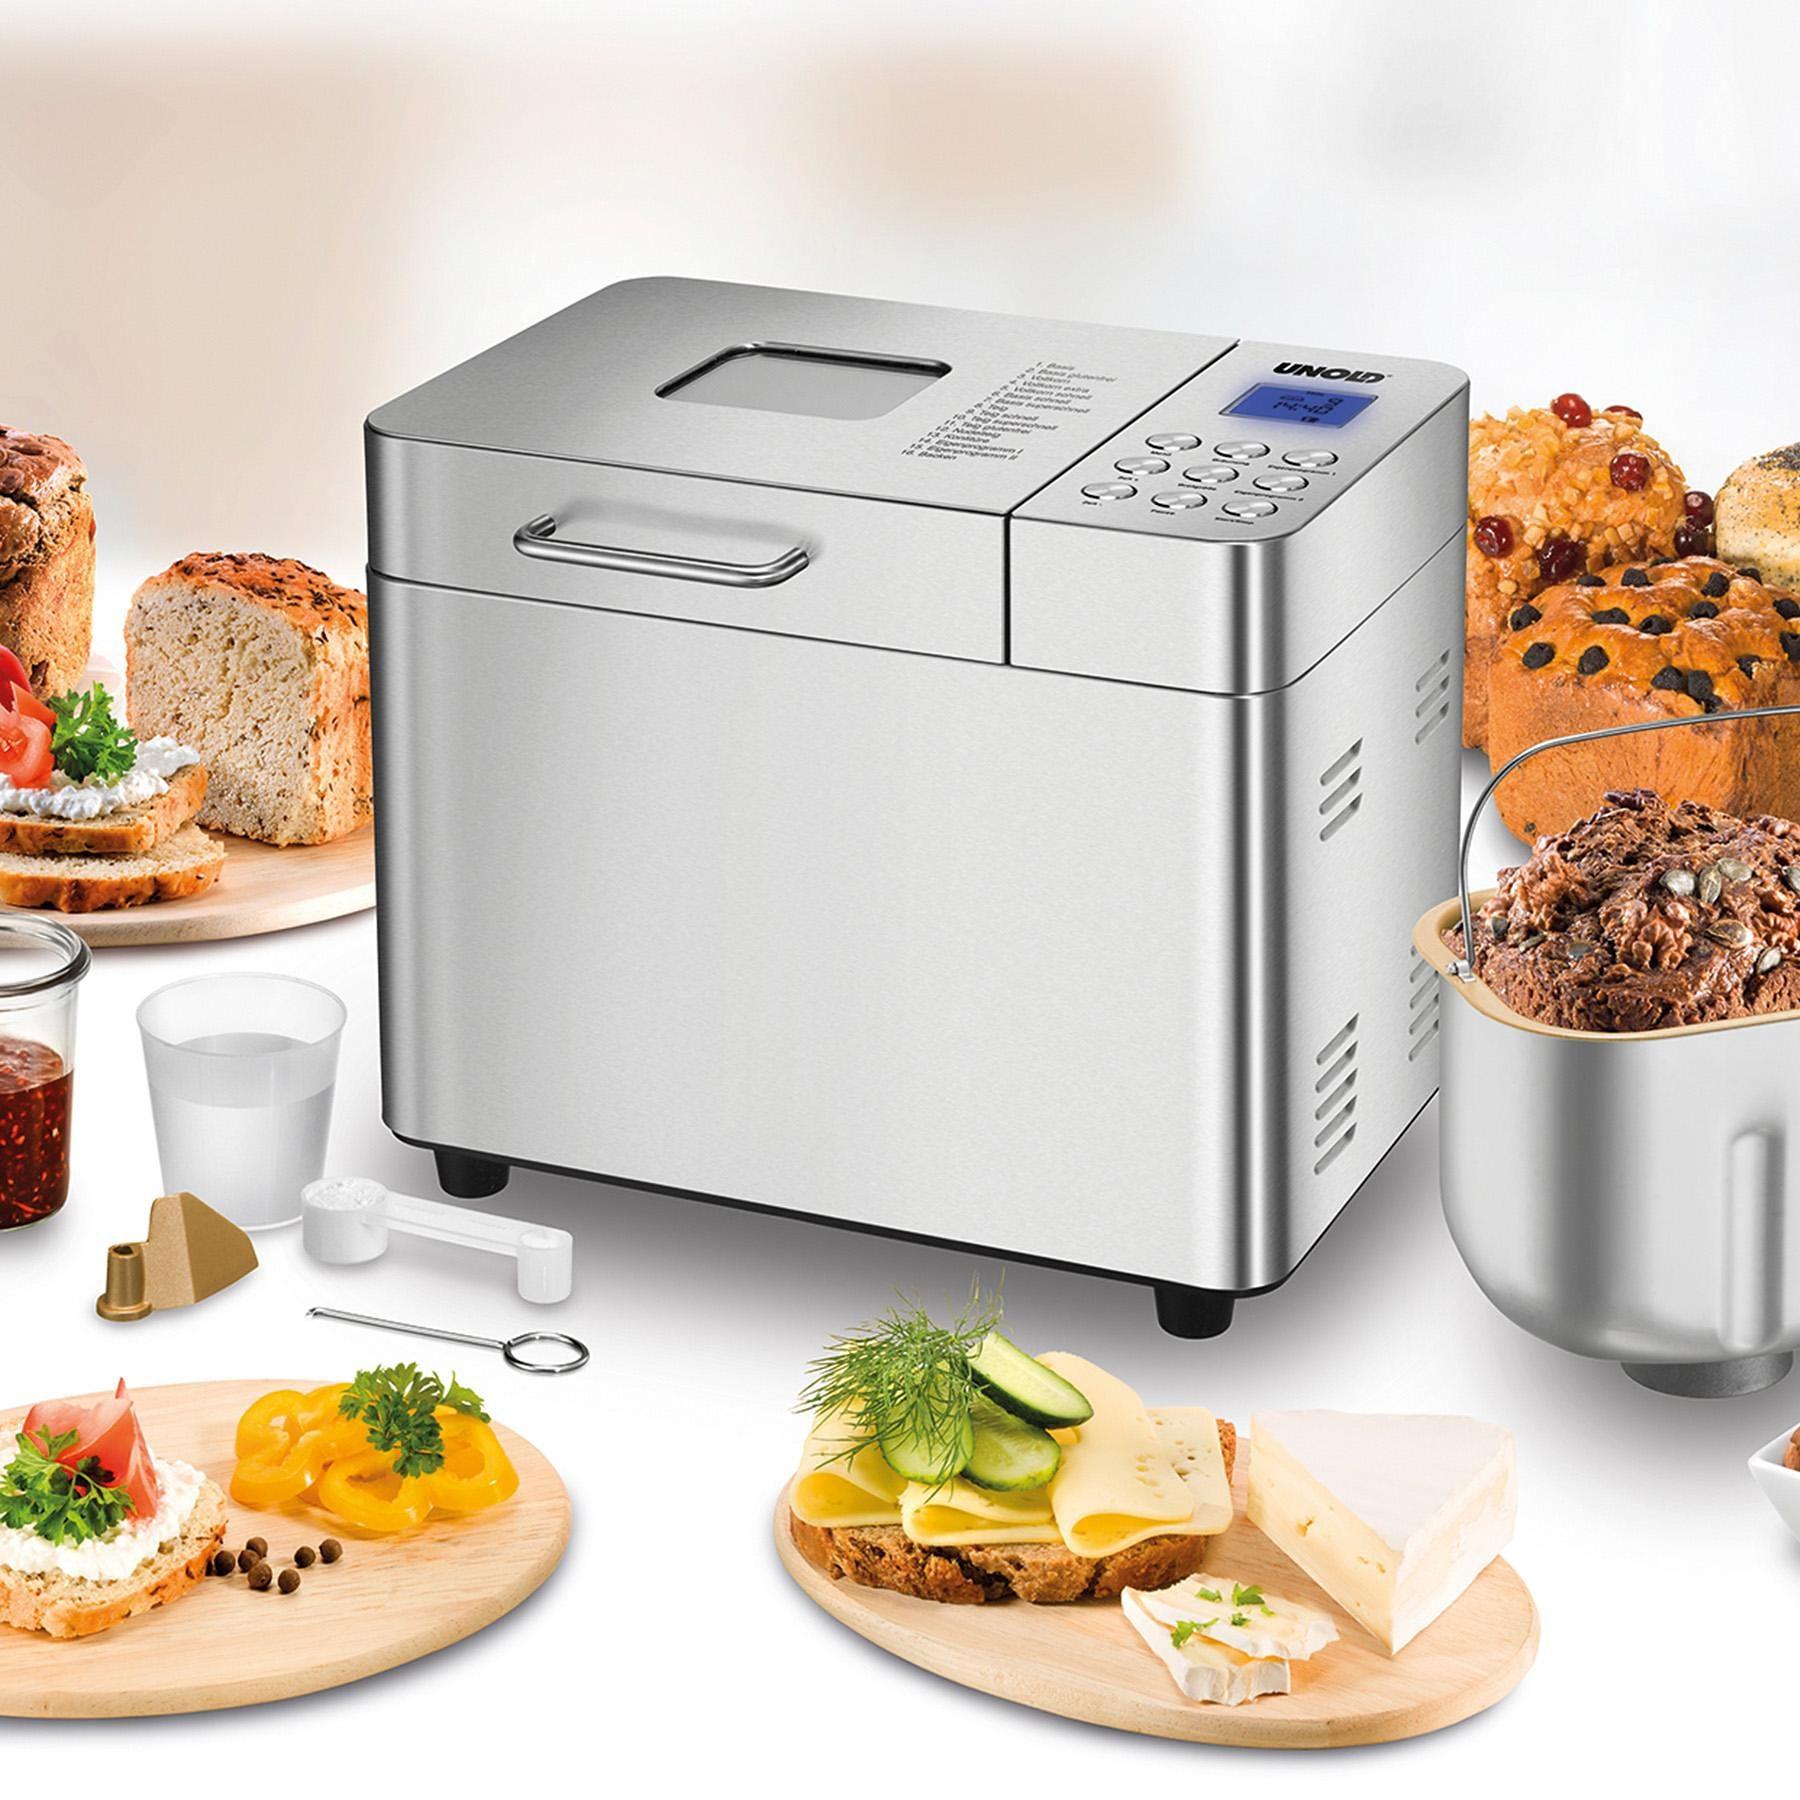 UNOLD® Brotbackautomat Backmeister Edel 68456, bis zu 1.000 g Brotgewicht